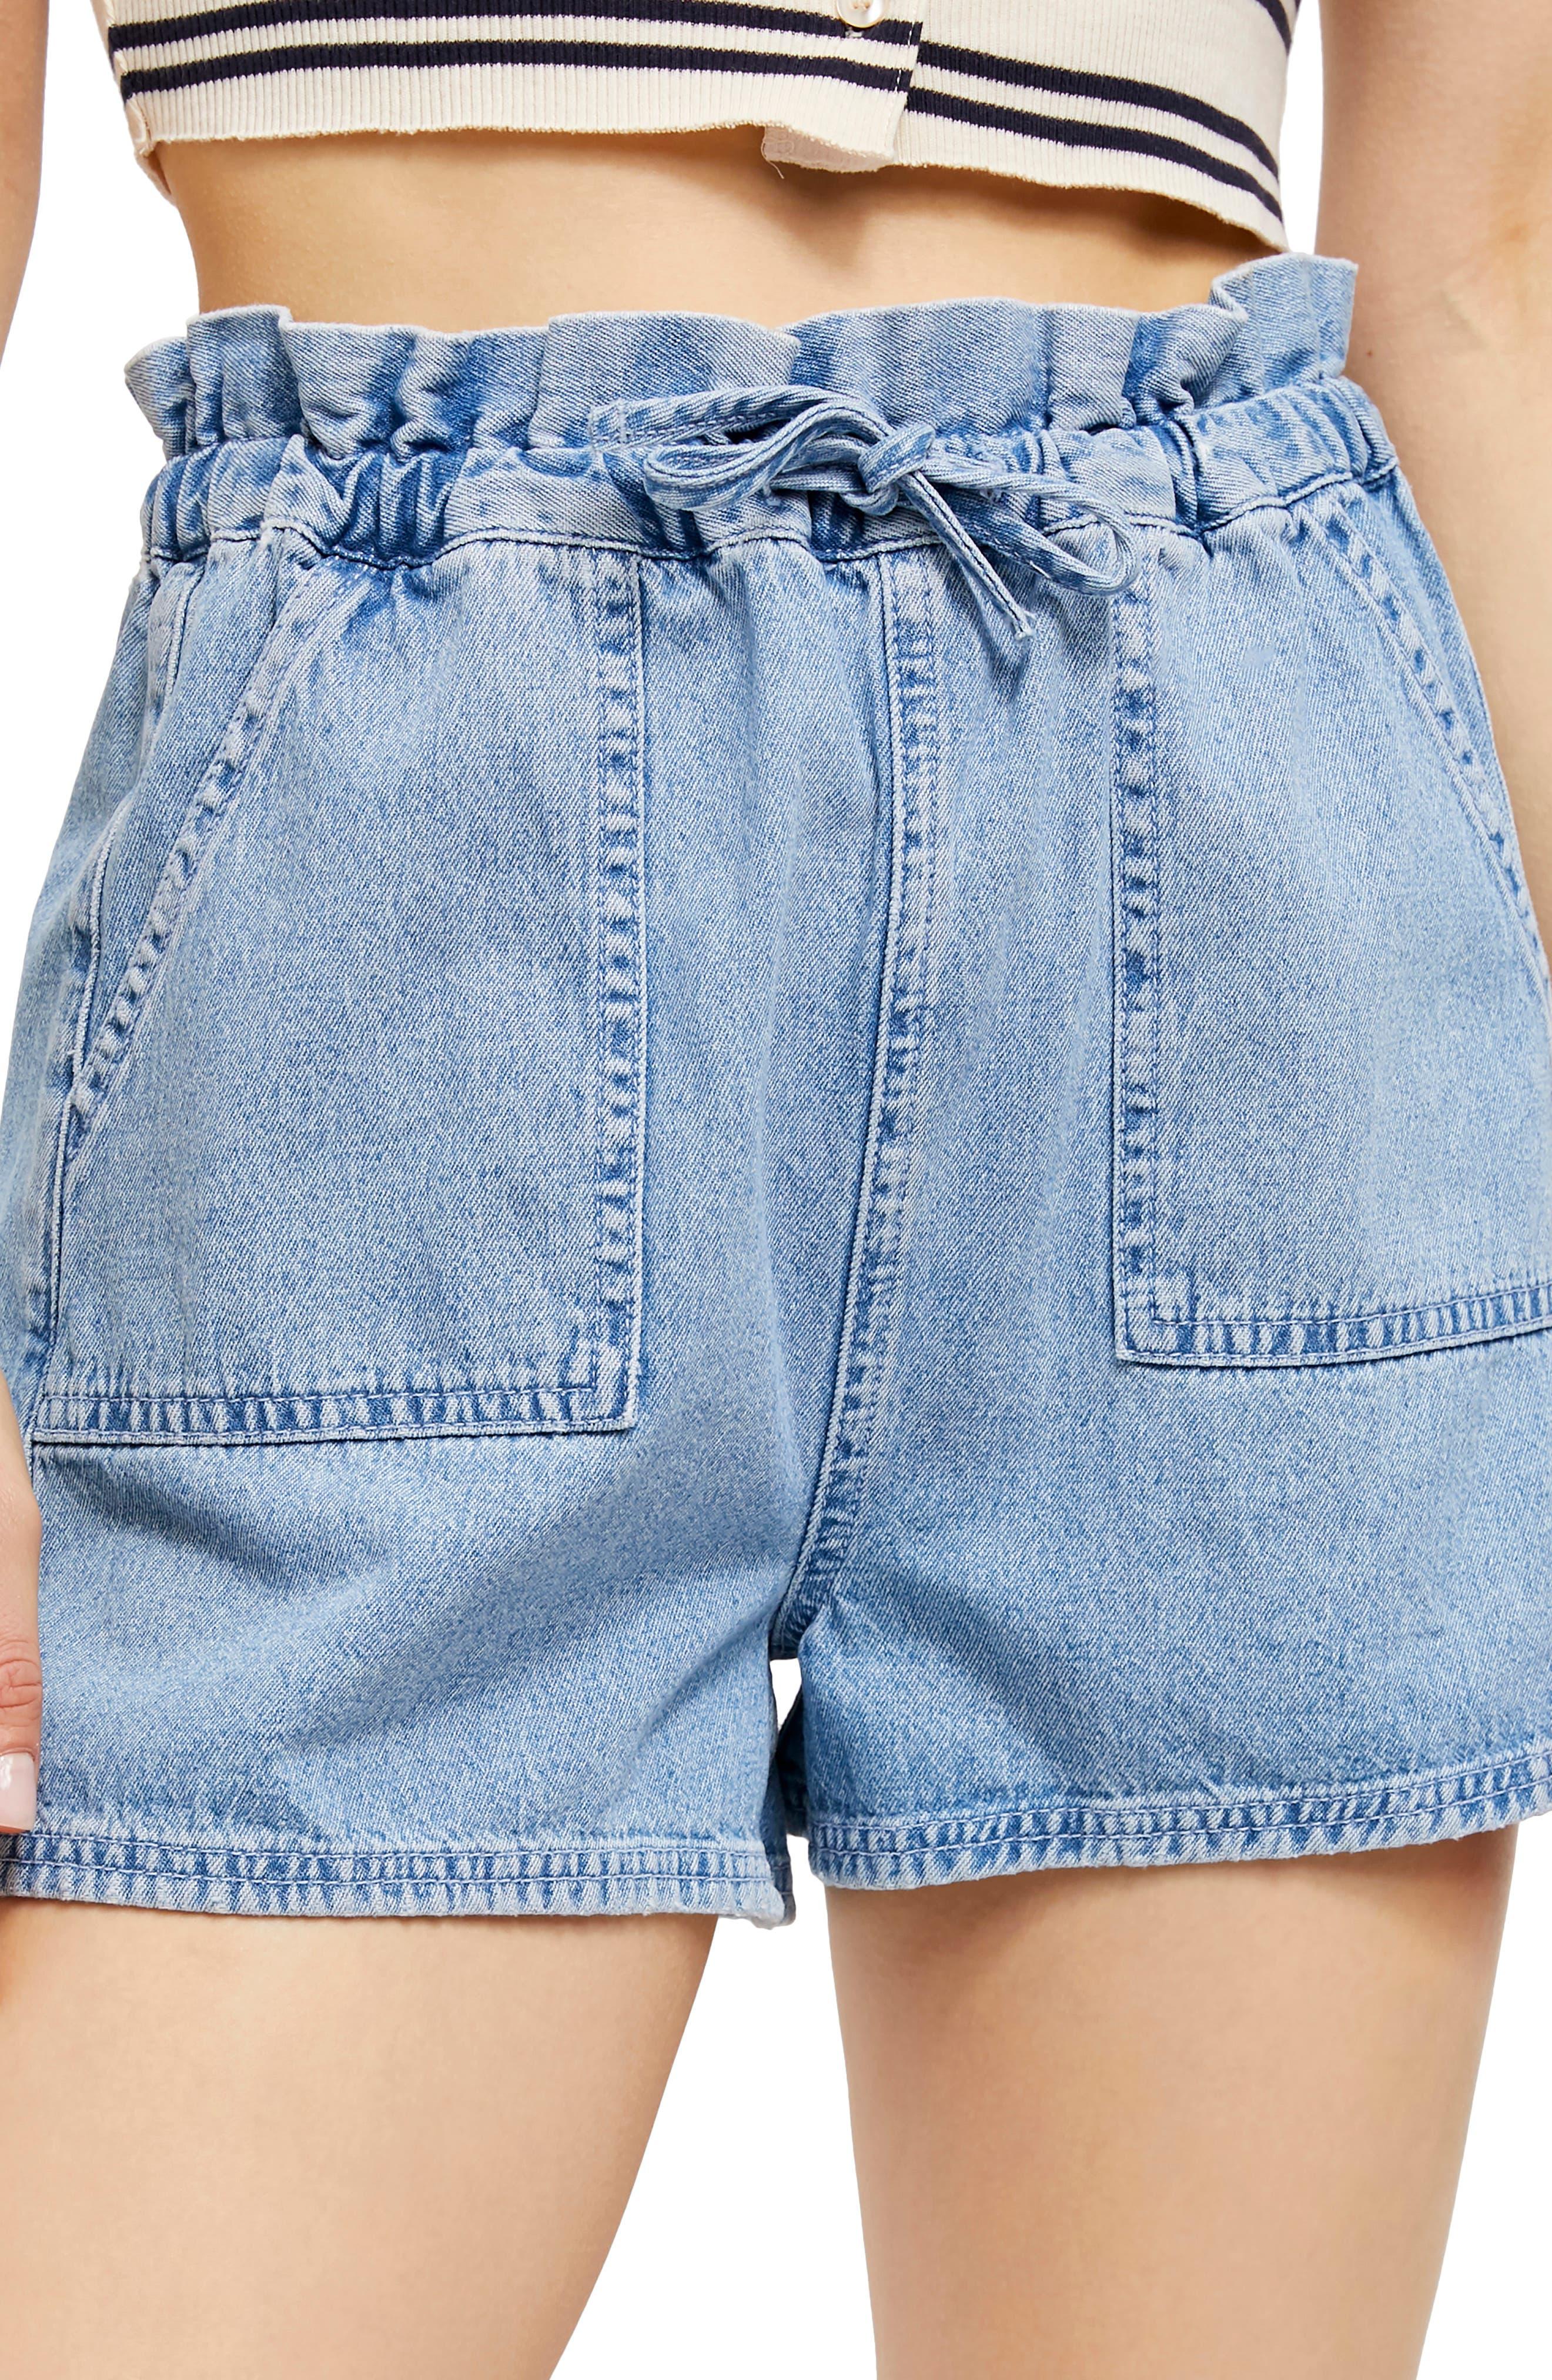 1980s Clothing, Fashion | 80s Style Clothes BDG Hazel Paperbag Waist Denim Shorts Size Large - Blue at Nordstrom Rack $26.97 AT vintagedancer.com